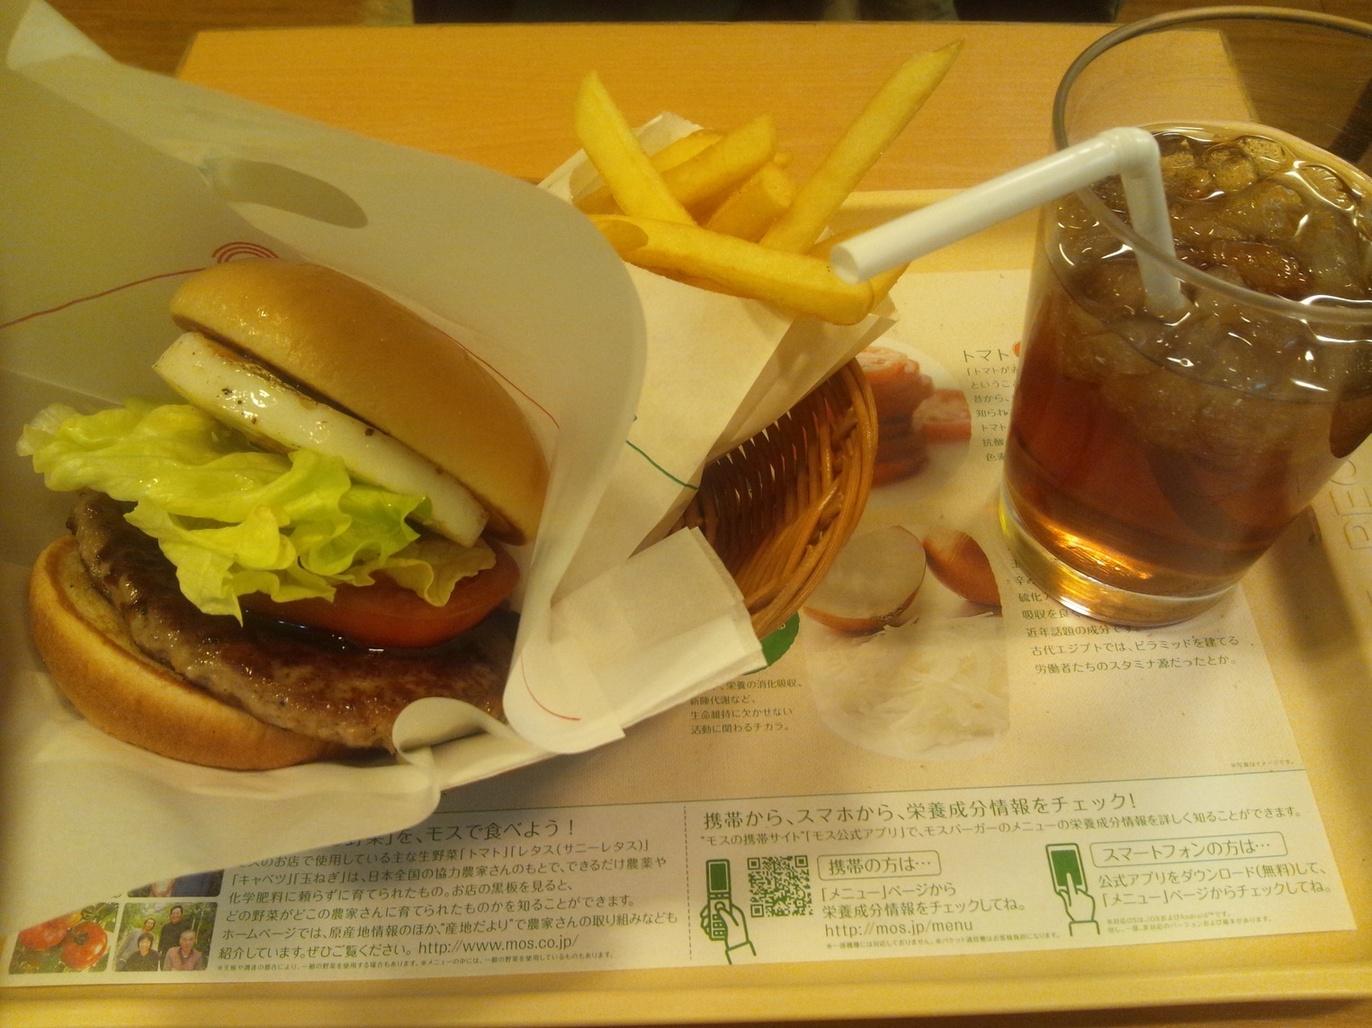 モスバーガー 三茶世田谷通り店